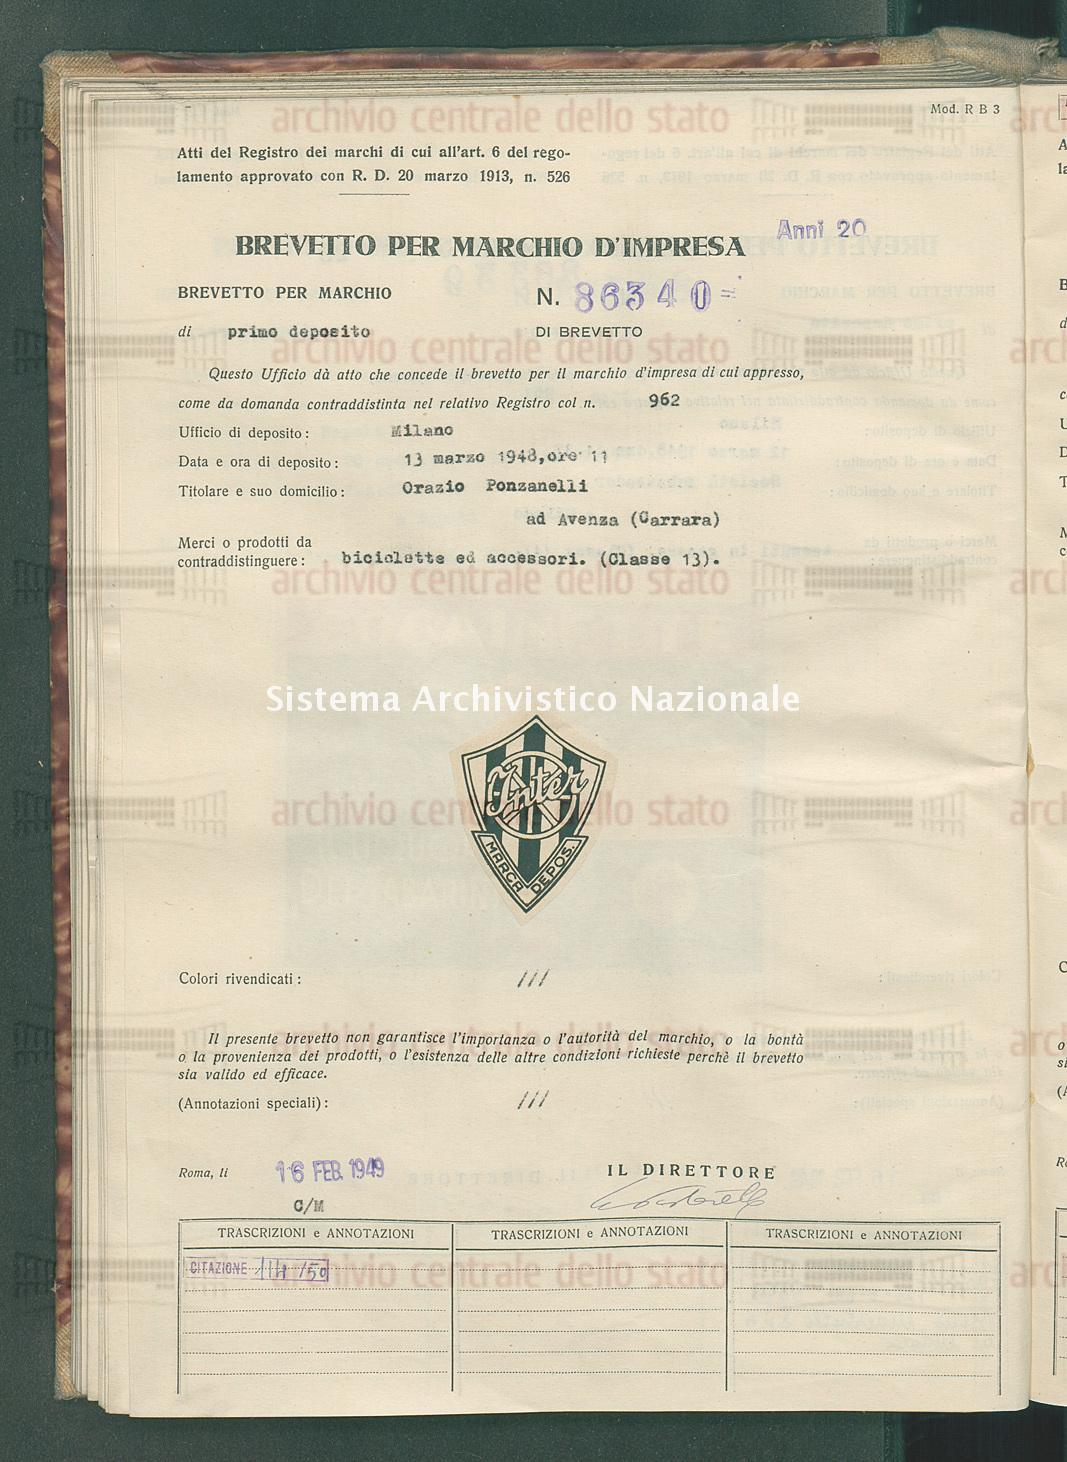 Biciclette ed accessori Orazio Ponsanelli (16/02/1949)